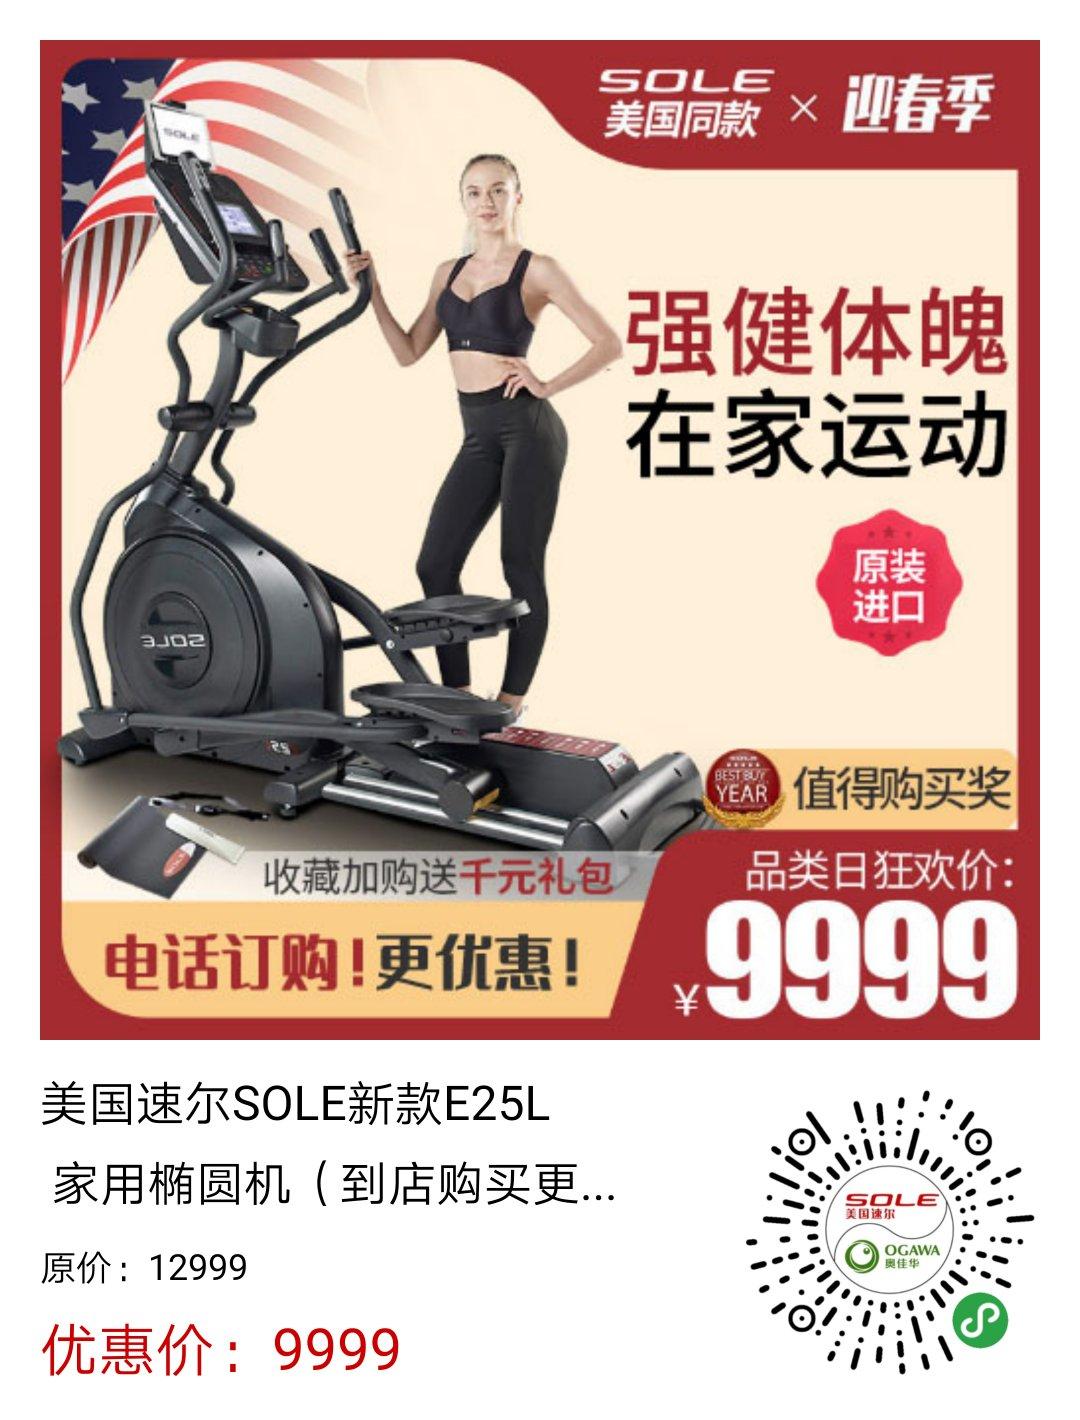 美国SOLE速尔椭圆机E25L天津健身器材实体店